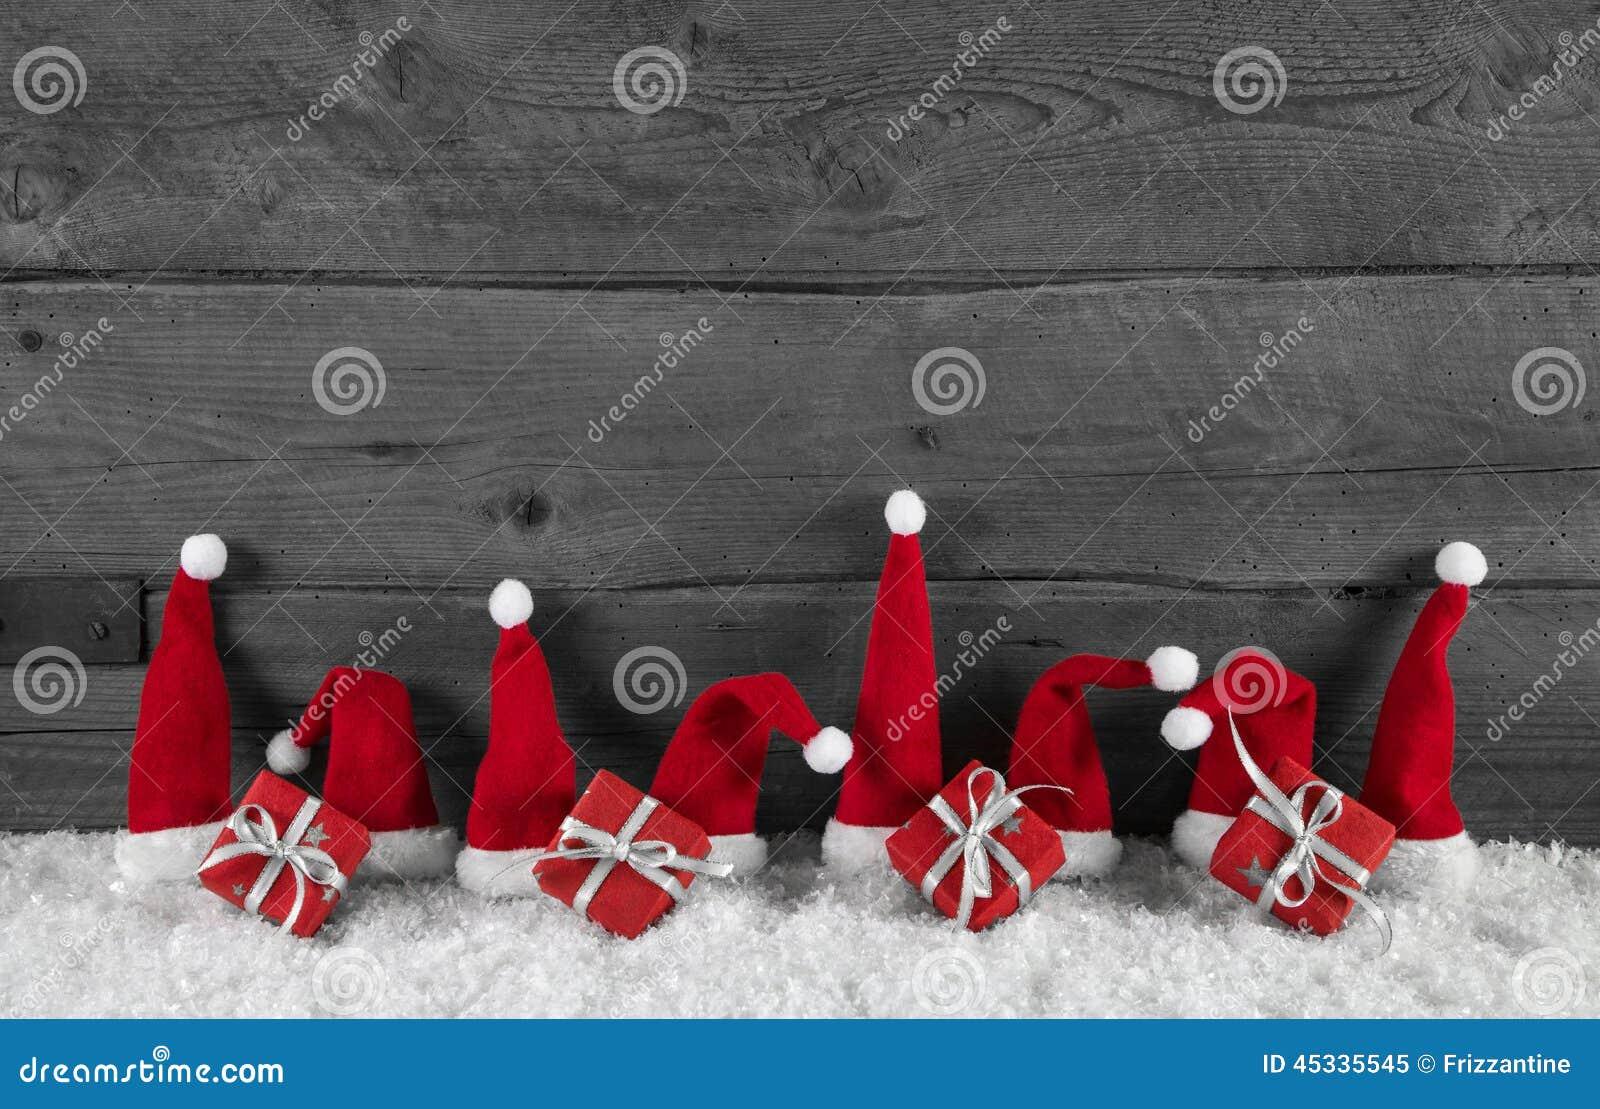 Fond gris en bois de Noël avec les chapeaux et les cadeaux rouges de Santa